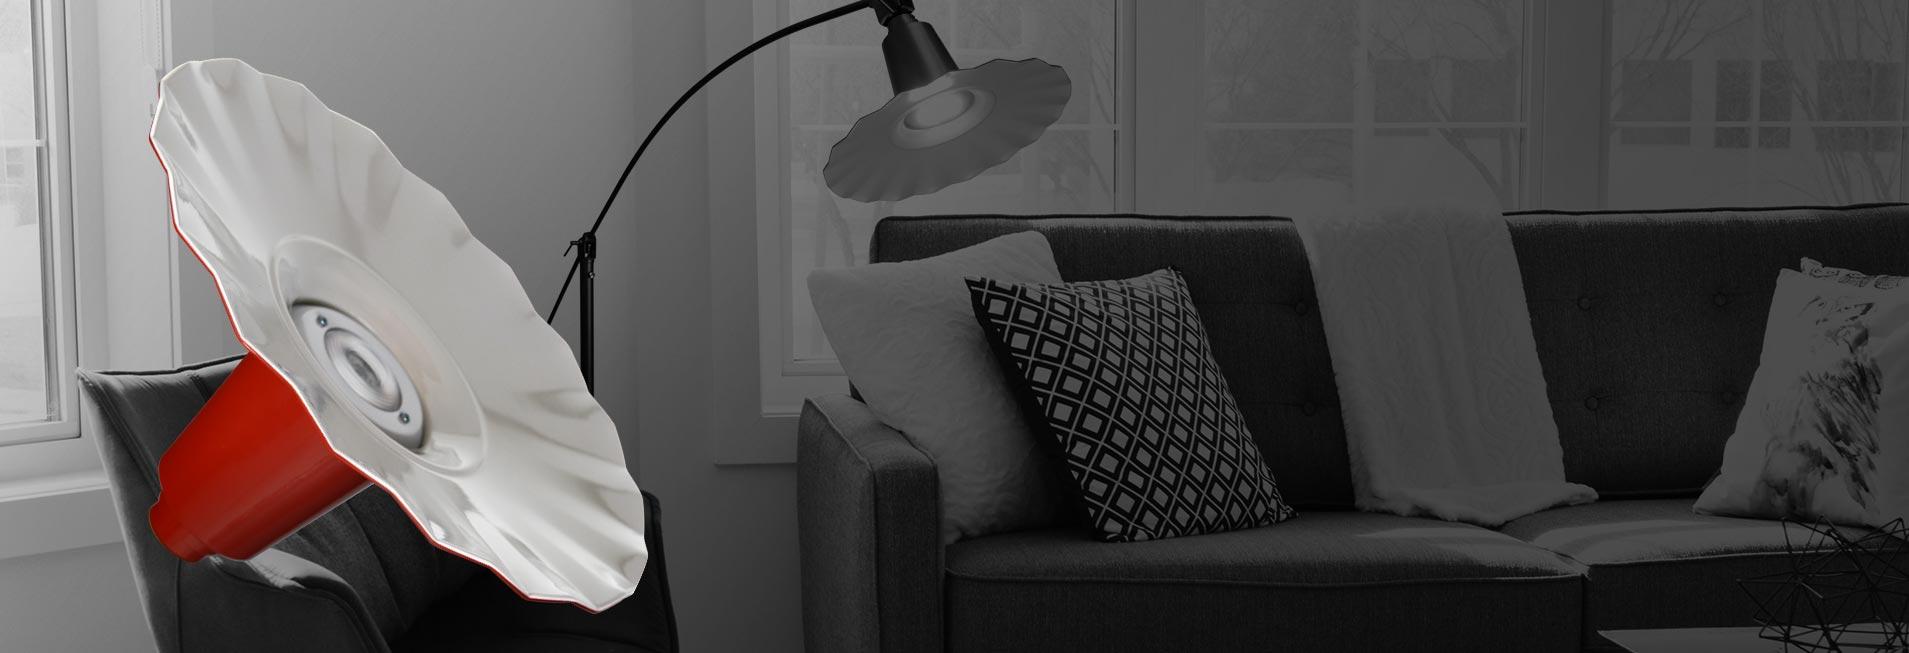 Dahlia LED Floor Lamp adjustable